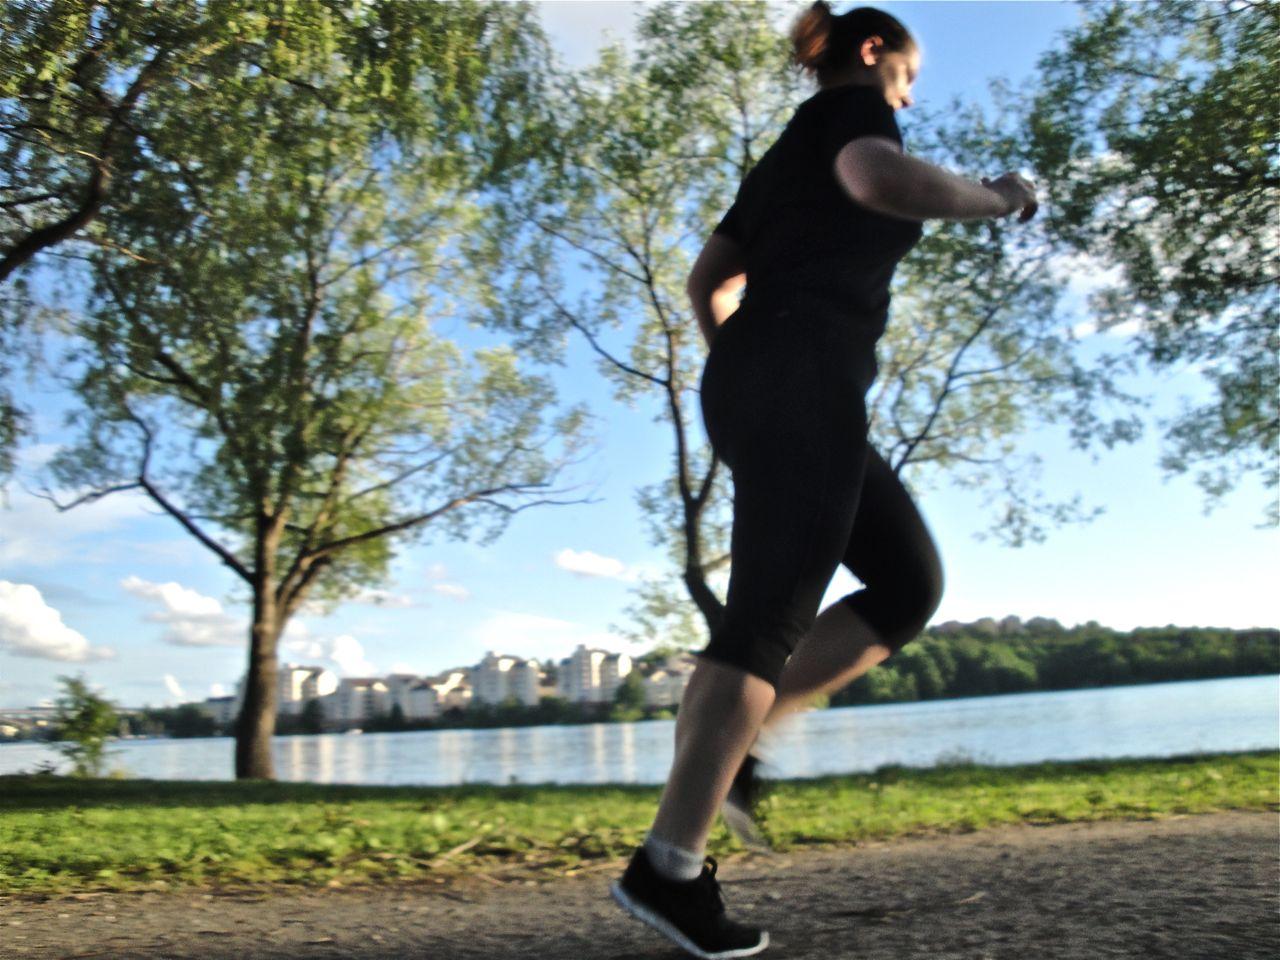 börja jogga överviktig